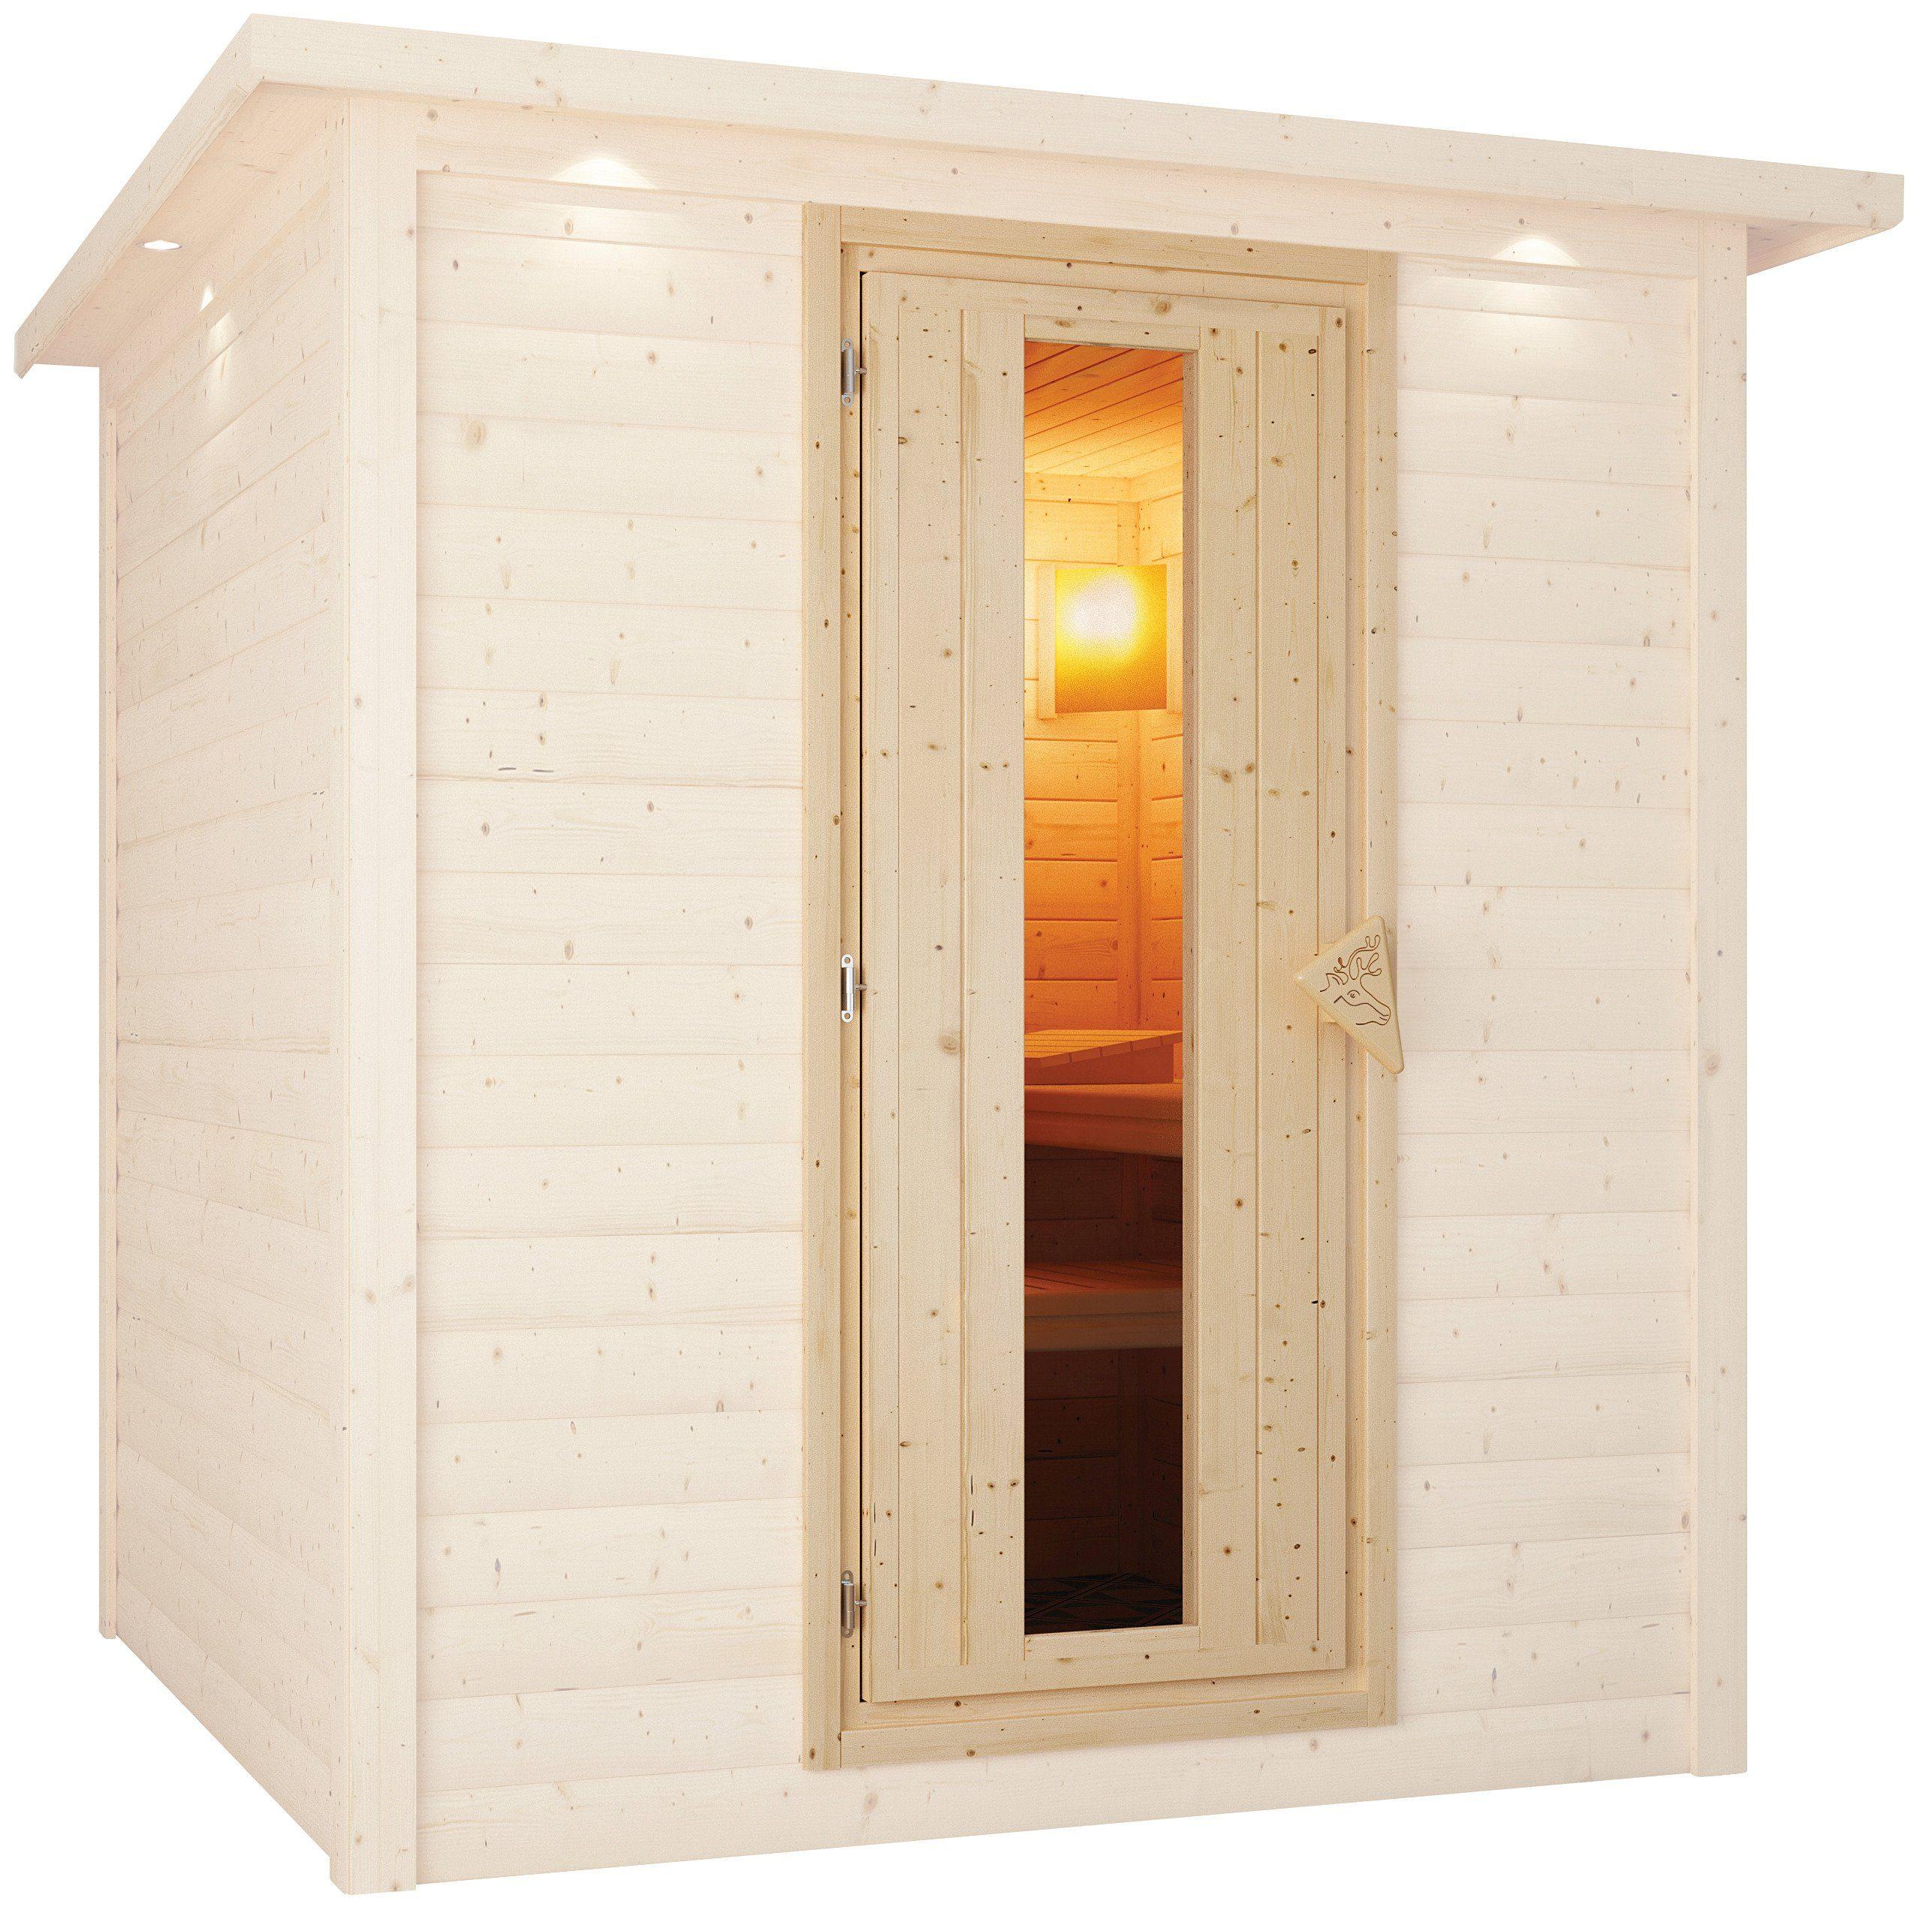 KARIBU Saunatür , für 68 mm Sauna, BxH: 64x173 cm